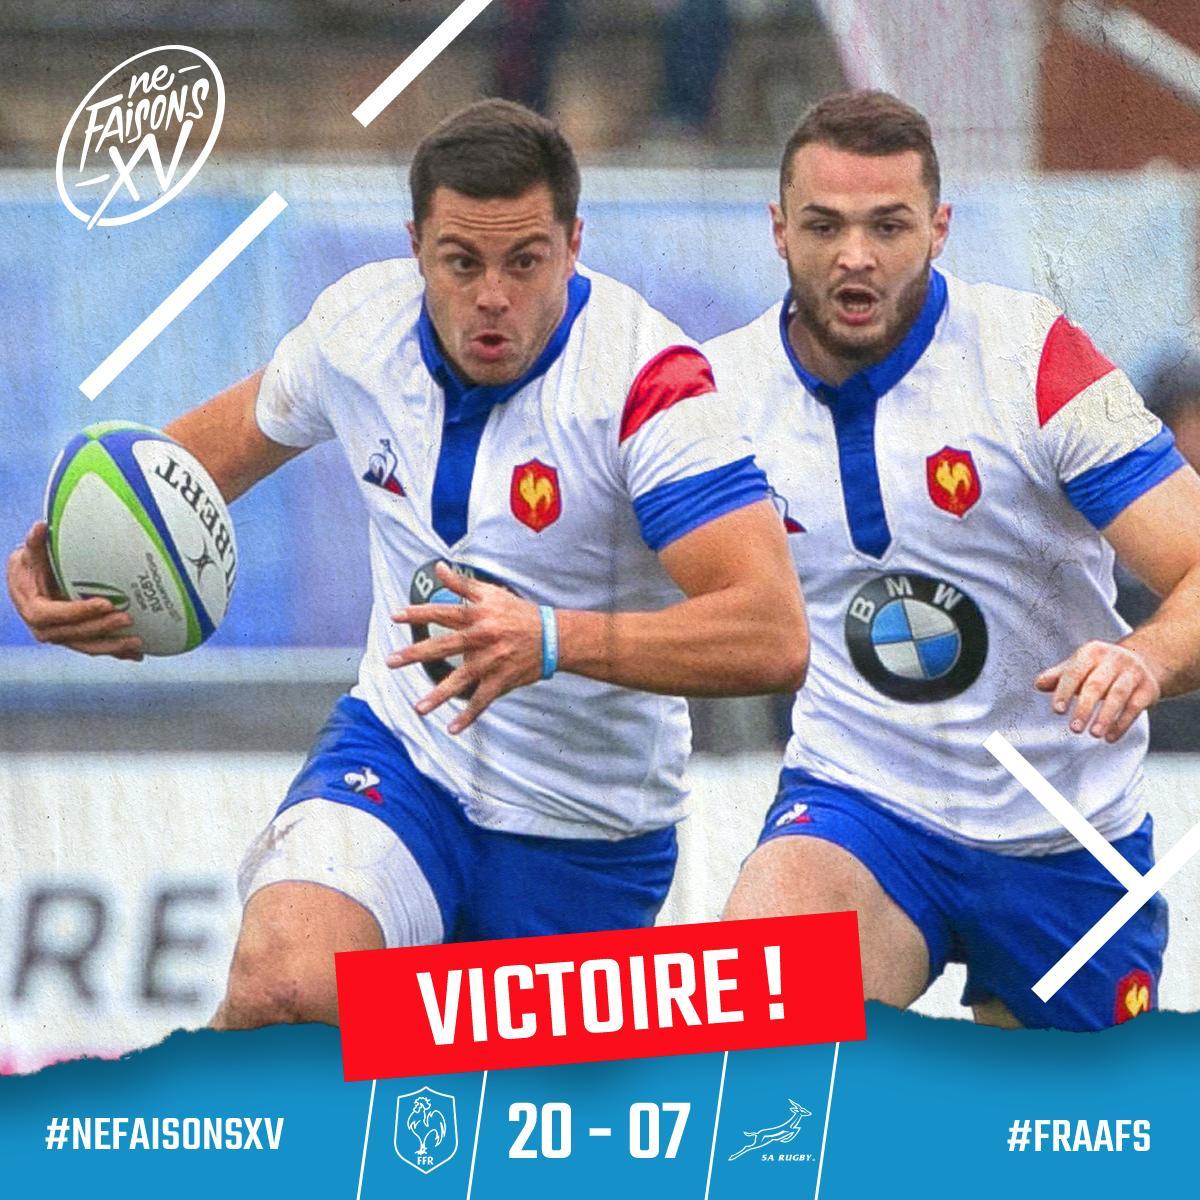 🇫🇷🇿🇦 FI-NA-LI-STES !!! L'équipe de #FranceU20 disputera samedi la pour la deuxième fois consécutive la finale du Championnat du Monde ! MAGNIFIQUE les garçons 😍😍😍 !!! 👊🏻👊🏻👊🏻 #FRAAFS #NeFaisonsXV #WorldRugbyU20s